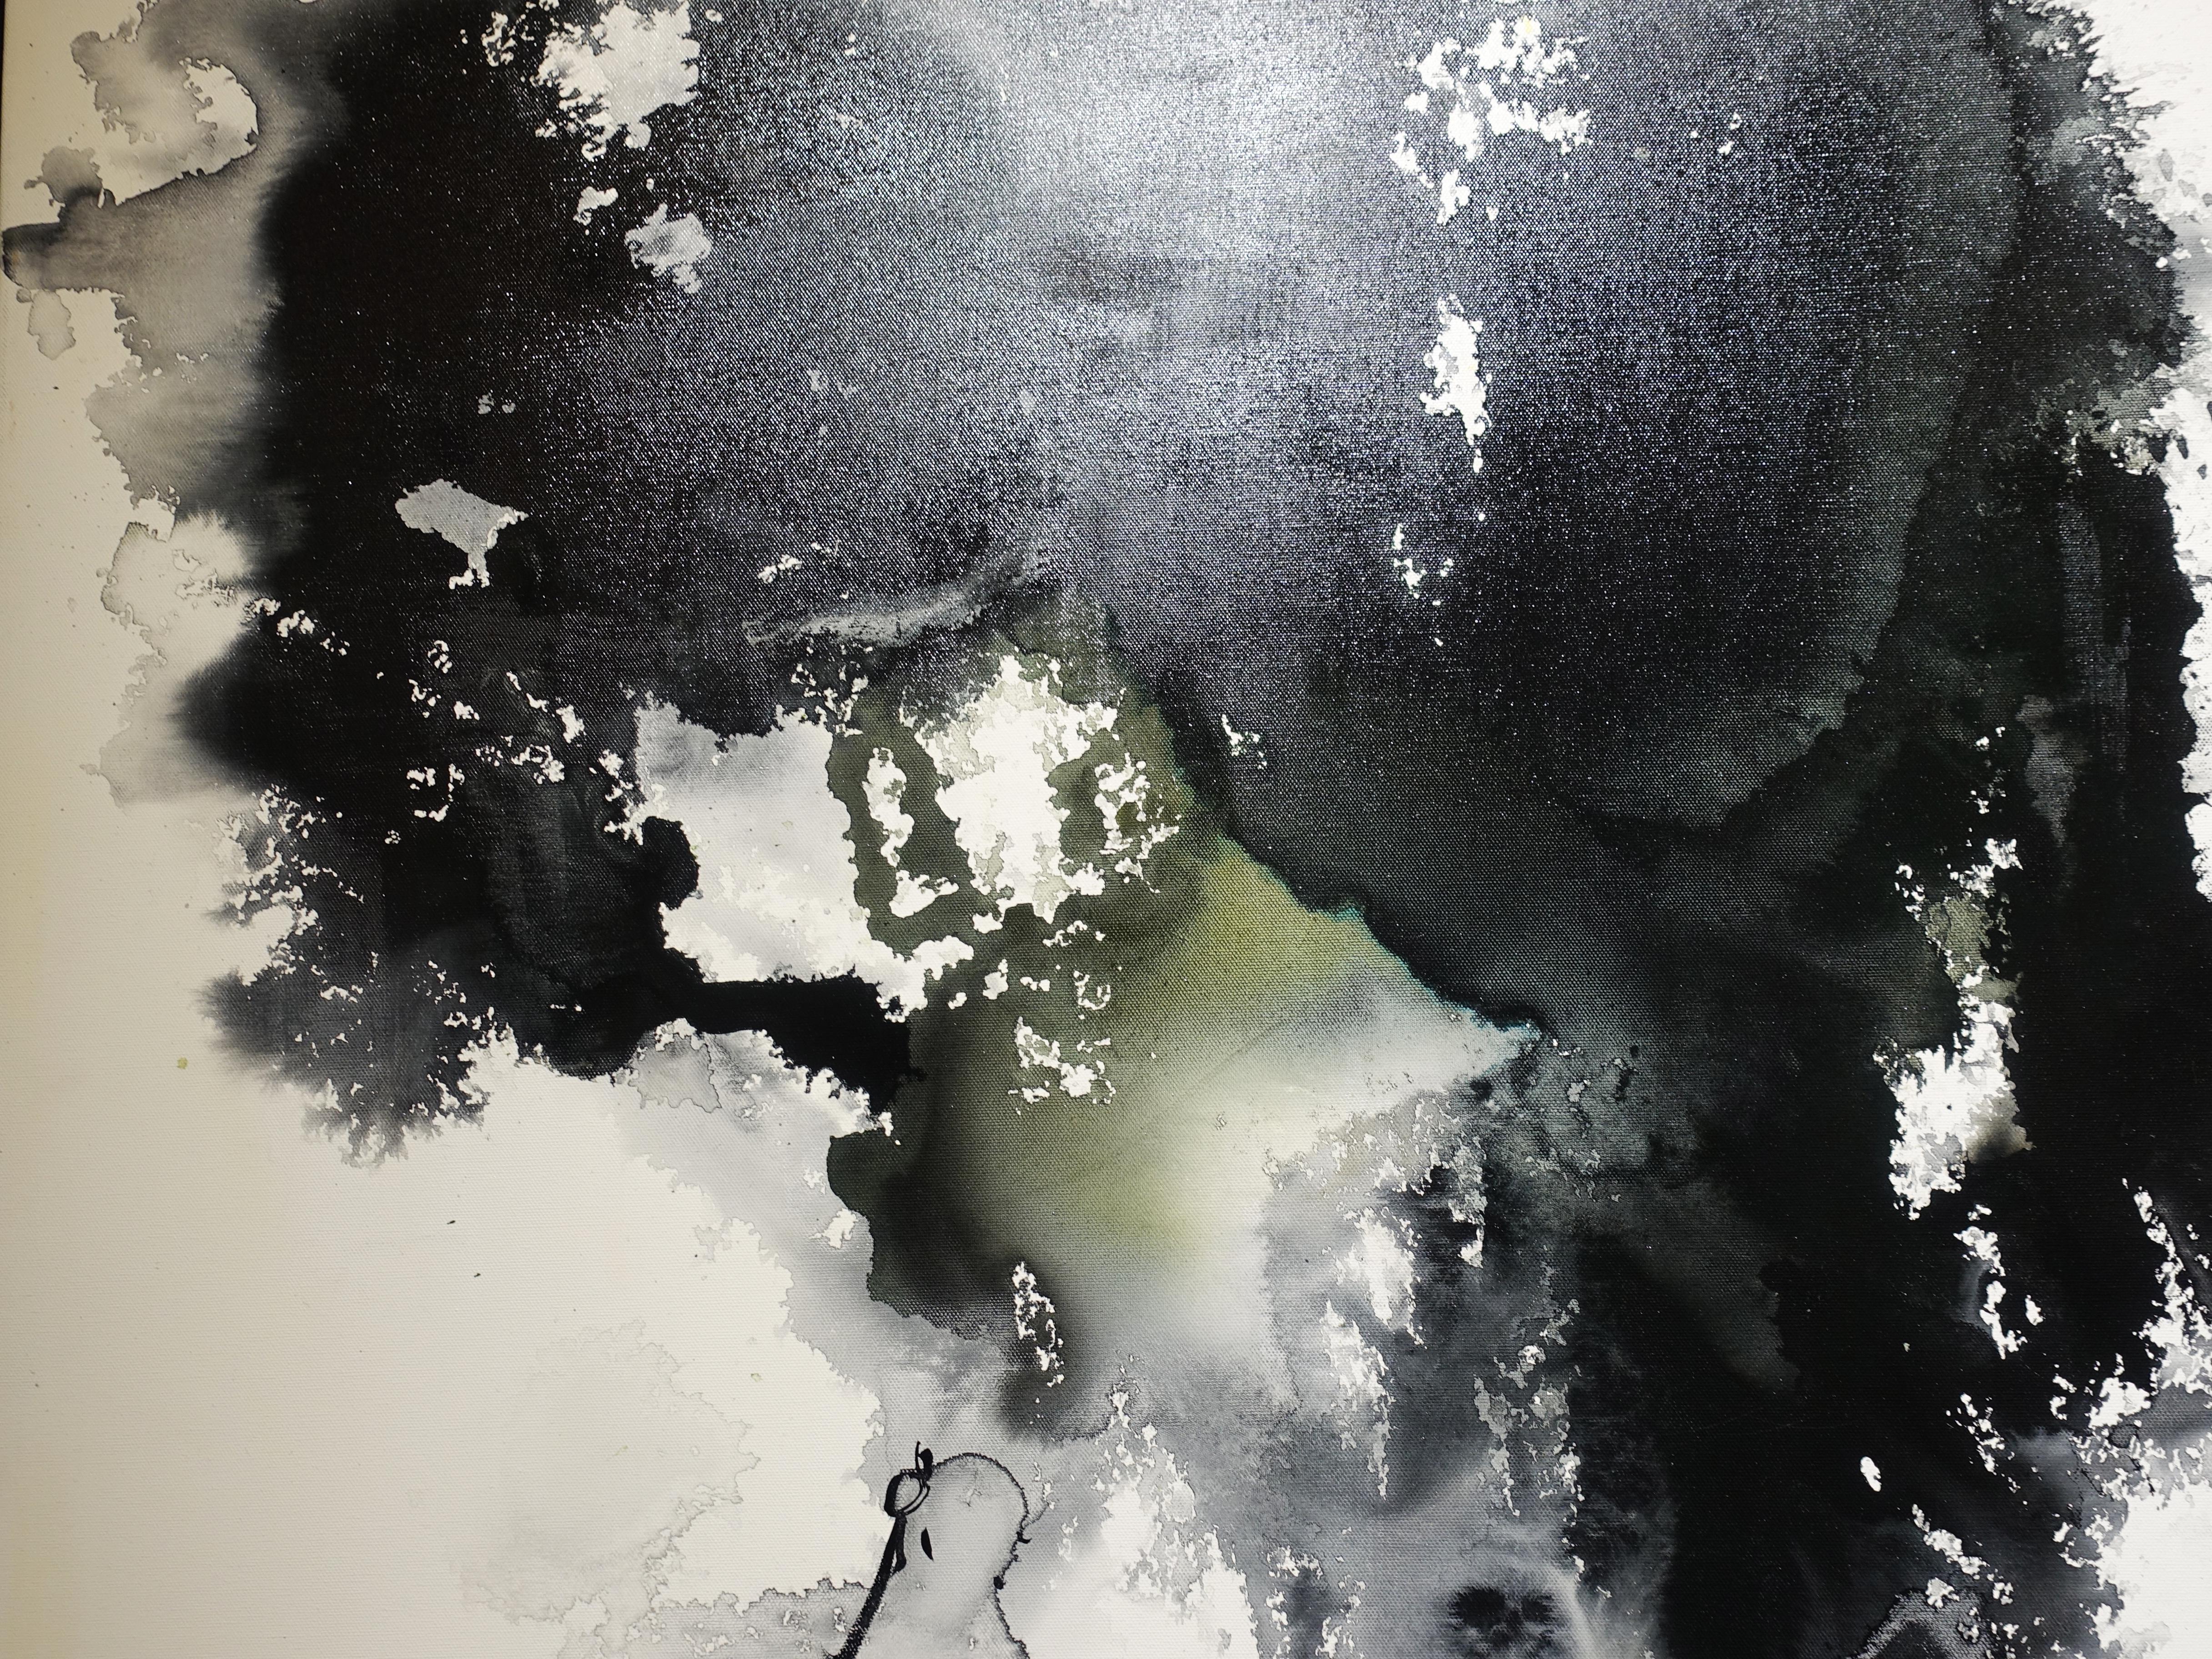 陳玉庭,《閒時讀書忙時作畫 無酒學佛有酒學先》細節,91x72cm,彩墨,2018。